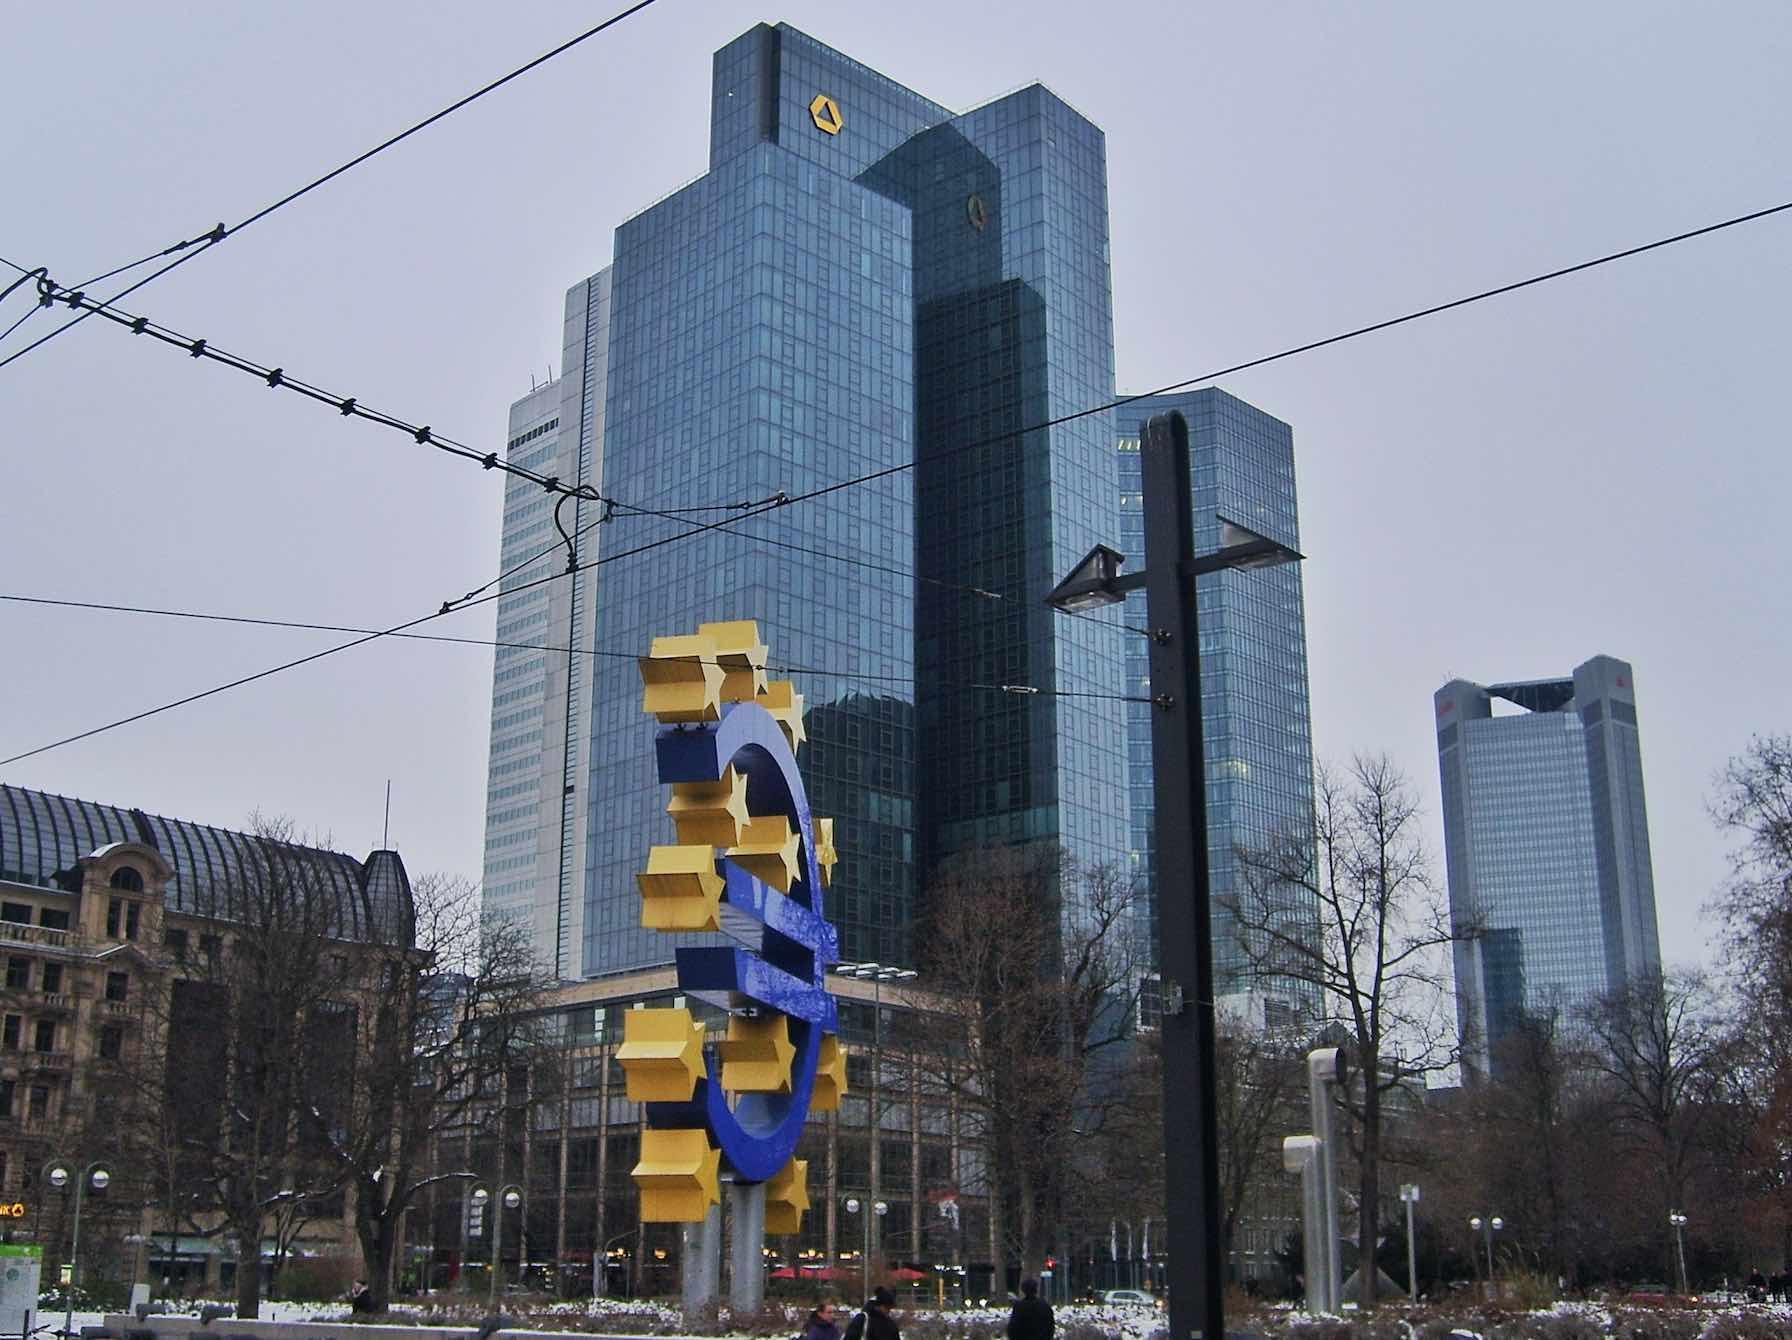 Francoforte quartiere moderno